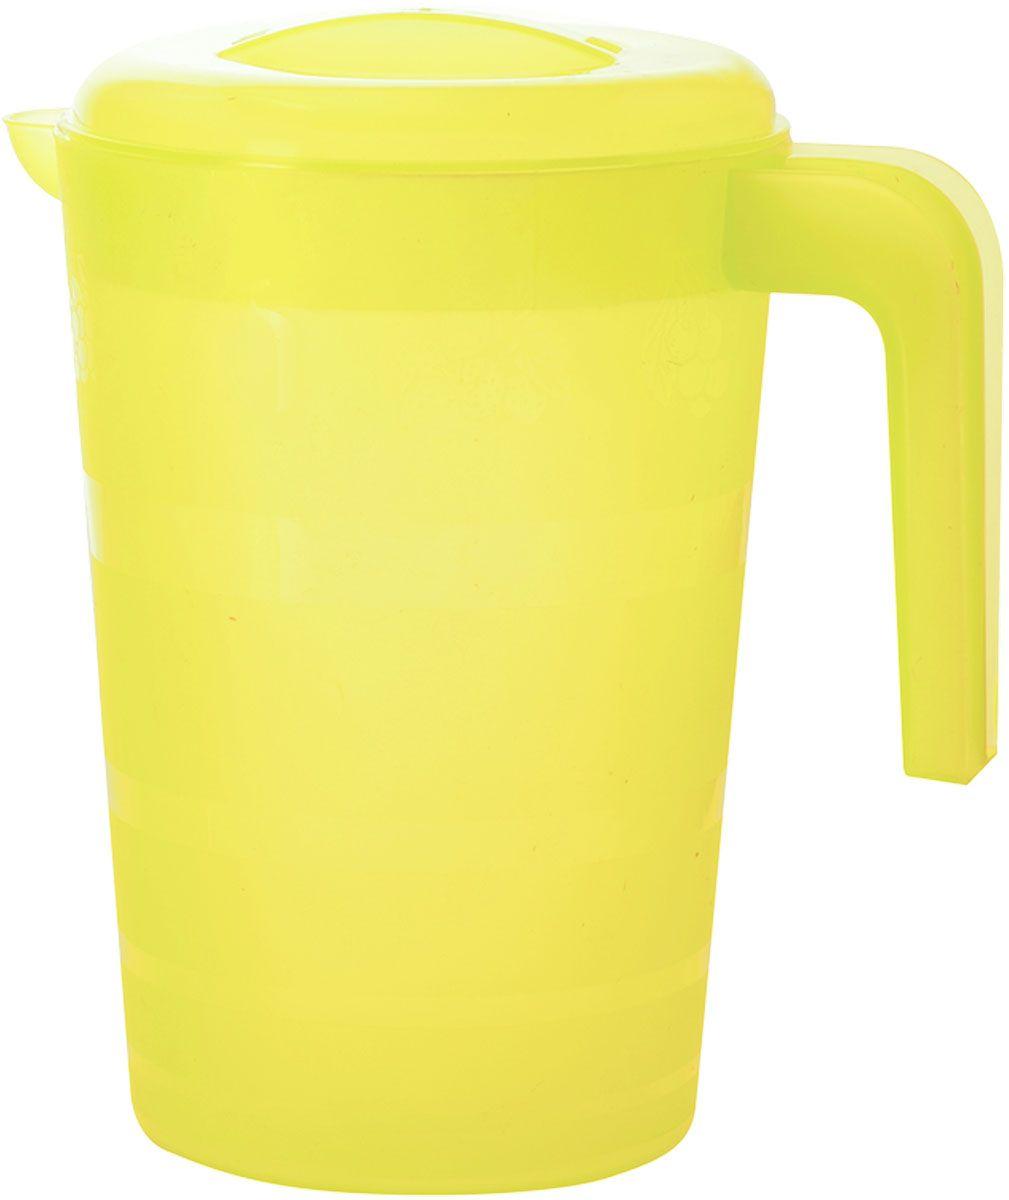 Кувшин Plastic Centre Фазенда, с крышкой, цвет: желтый, 2 лПЦ1825ЛМНКувшин Plastic Centre Фазенда, выполненный из прочного пластика, украсит ваш стол. Кувшин оснащен ручкой и носиком для удобного наливания. Кувшин имеет плотно закрывающуюся крышку. Изделие прекрасно подойдет для подачи воды, сока, компота и других напитков. Диаметр (по верхнему краю): 14,5 см. Высота (без учета крышки): 20,5 см.